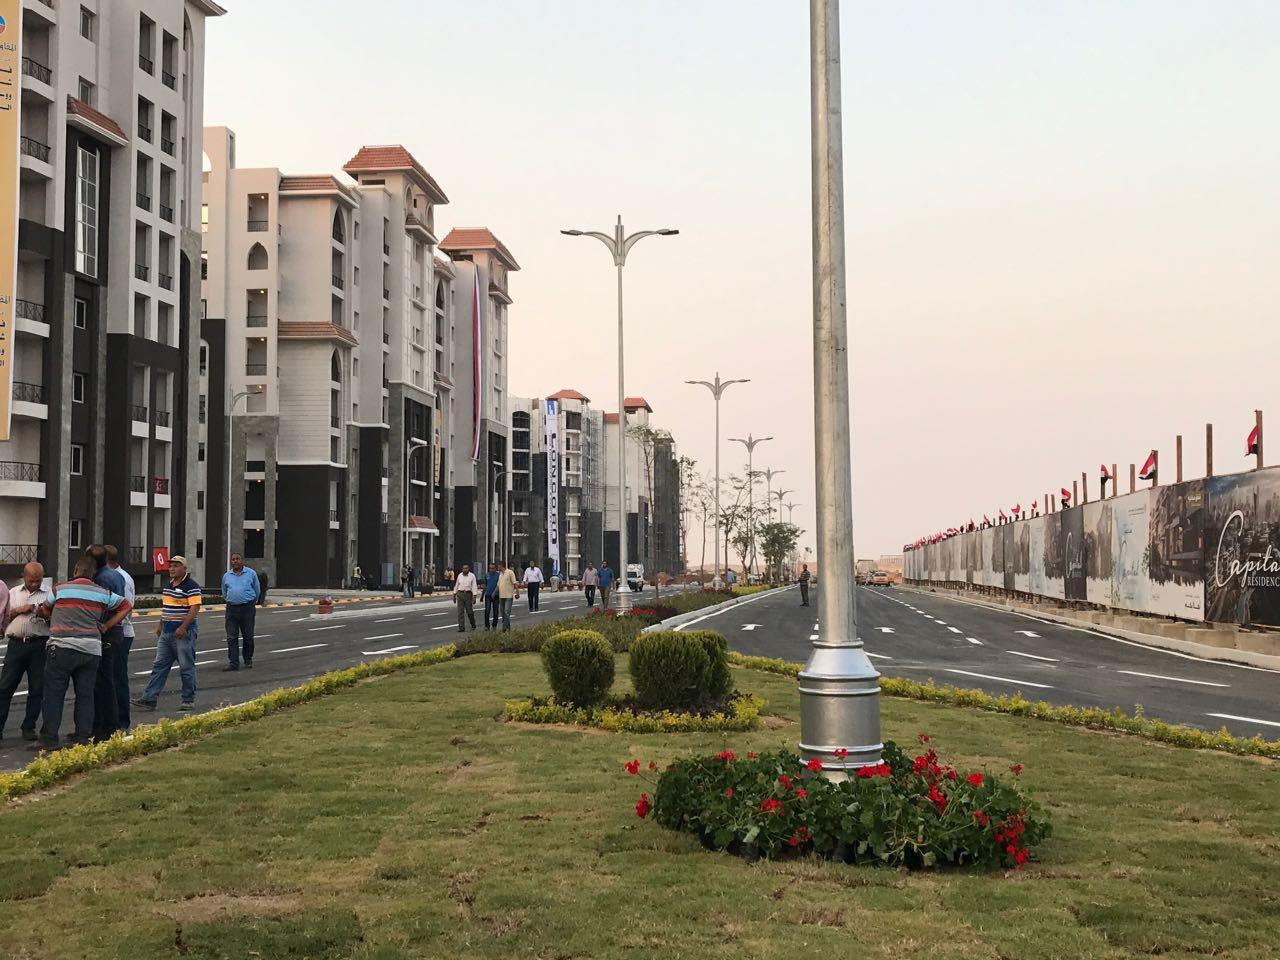 تفاصيل الطرح الثالث لأراضي العاصمة الإدارية